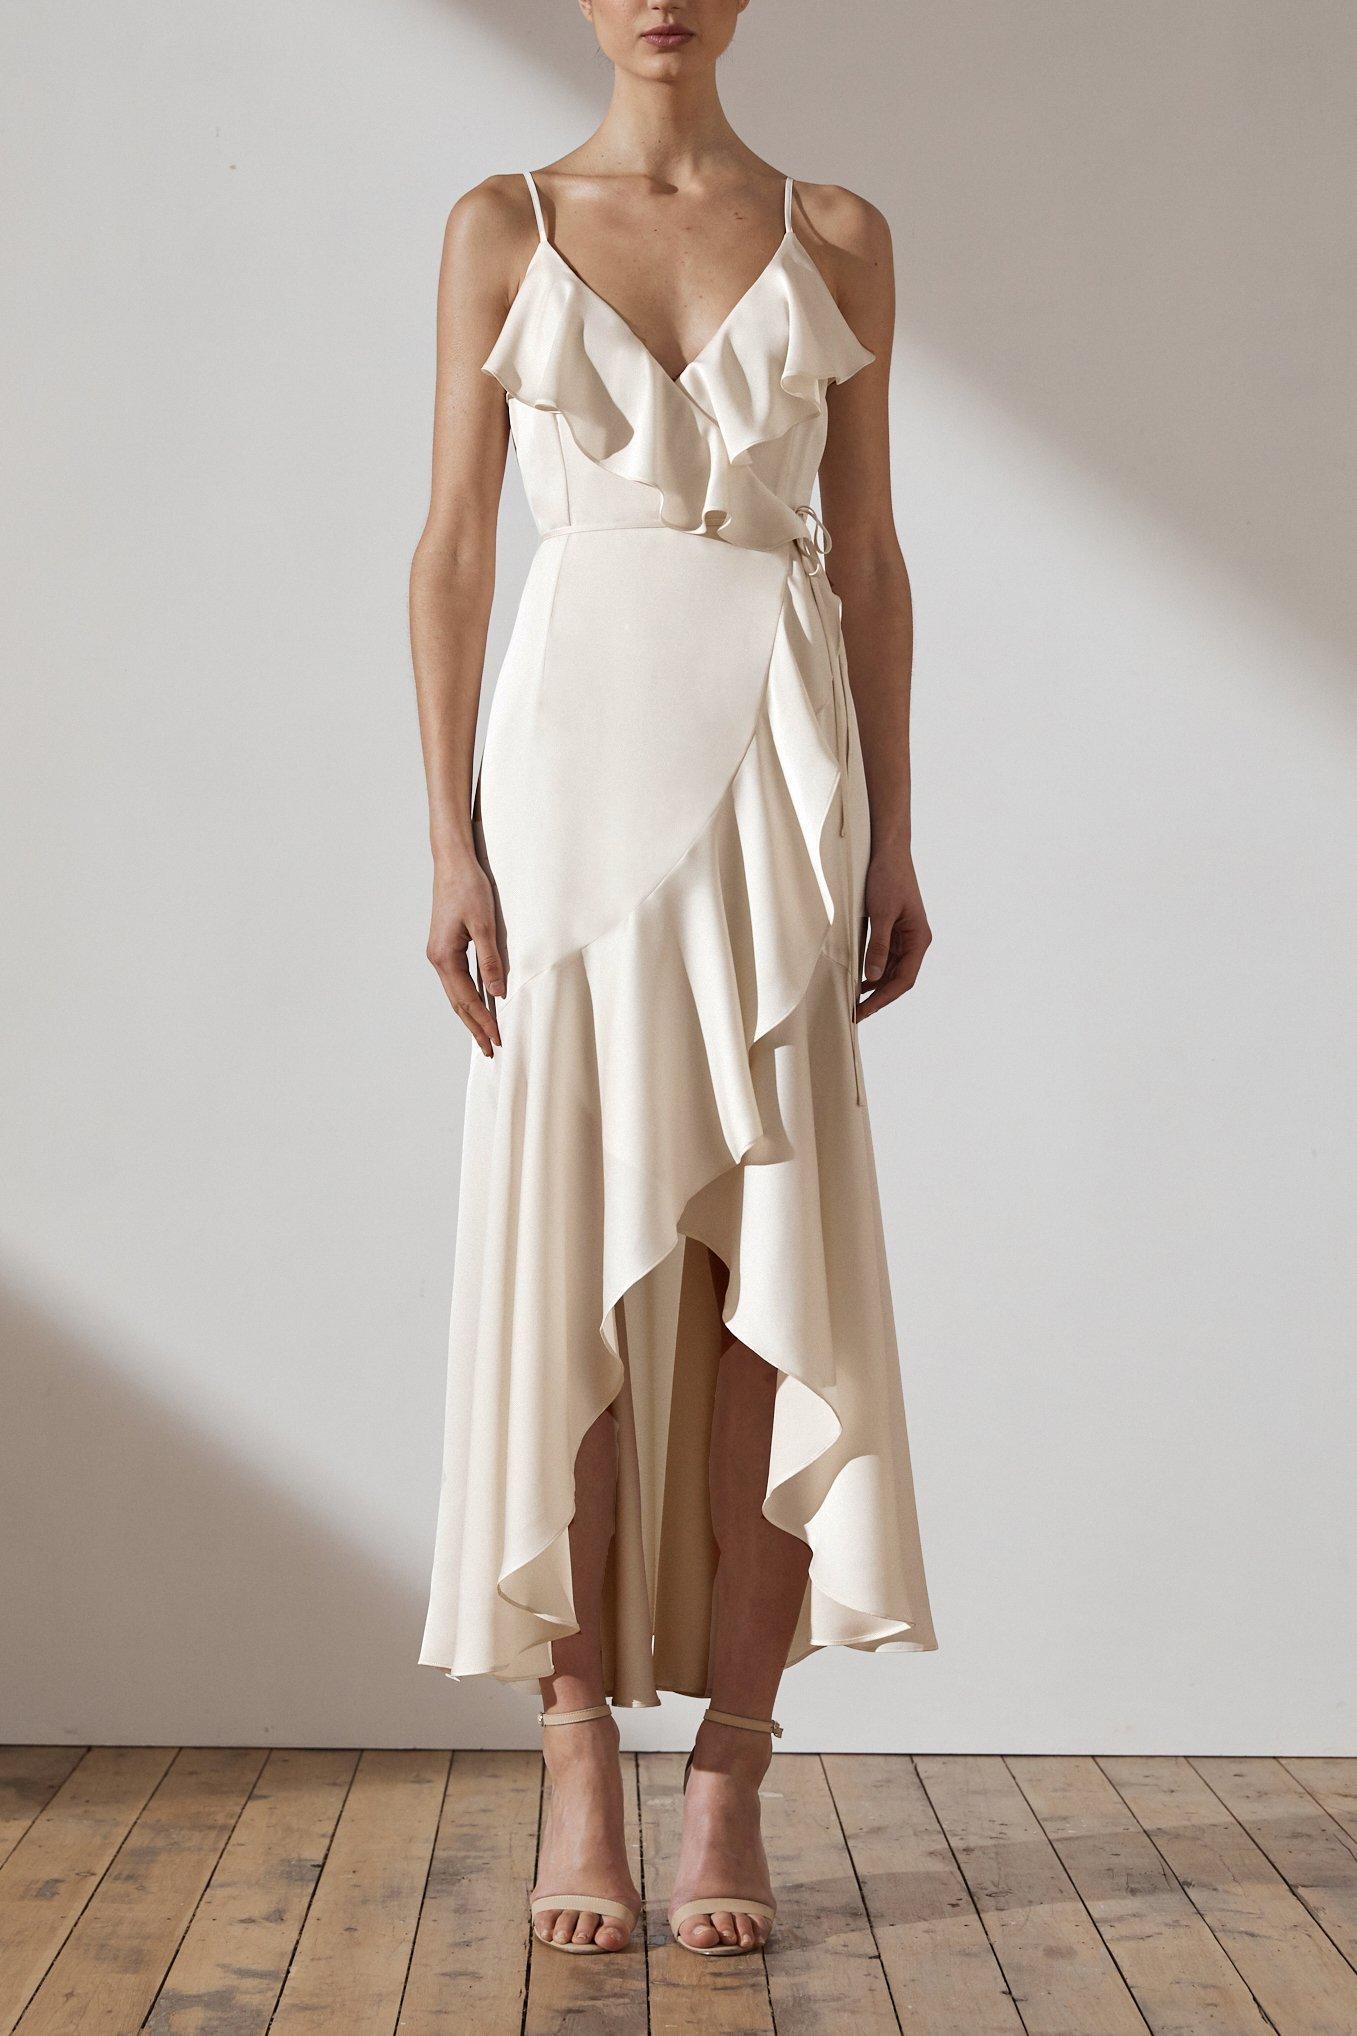 Evie Luxe Bias Frill Wrap Dress by Shona Joy - Creme